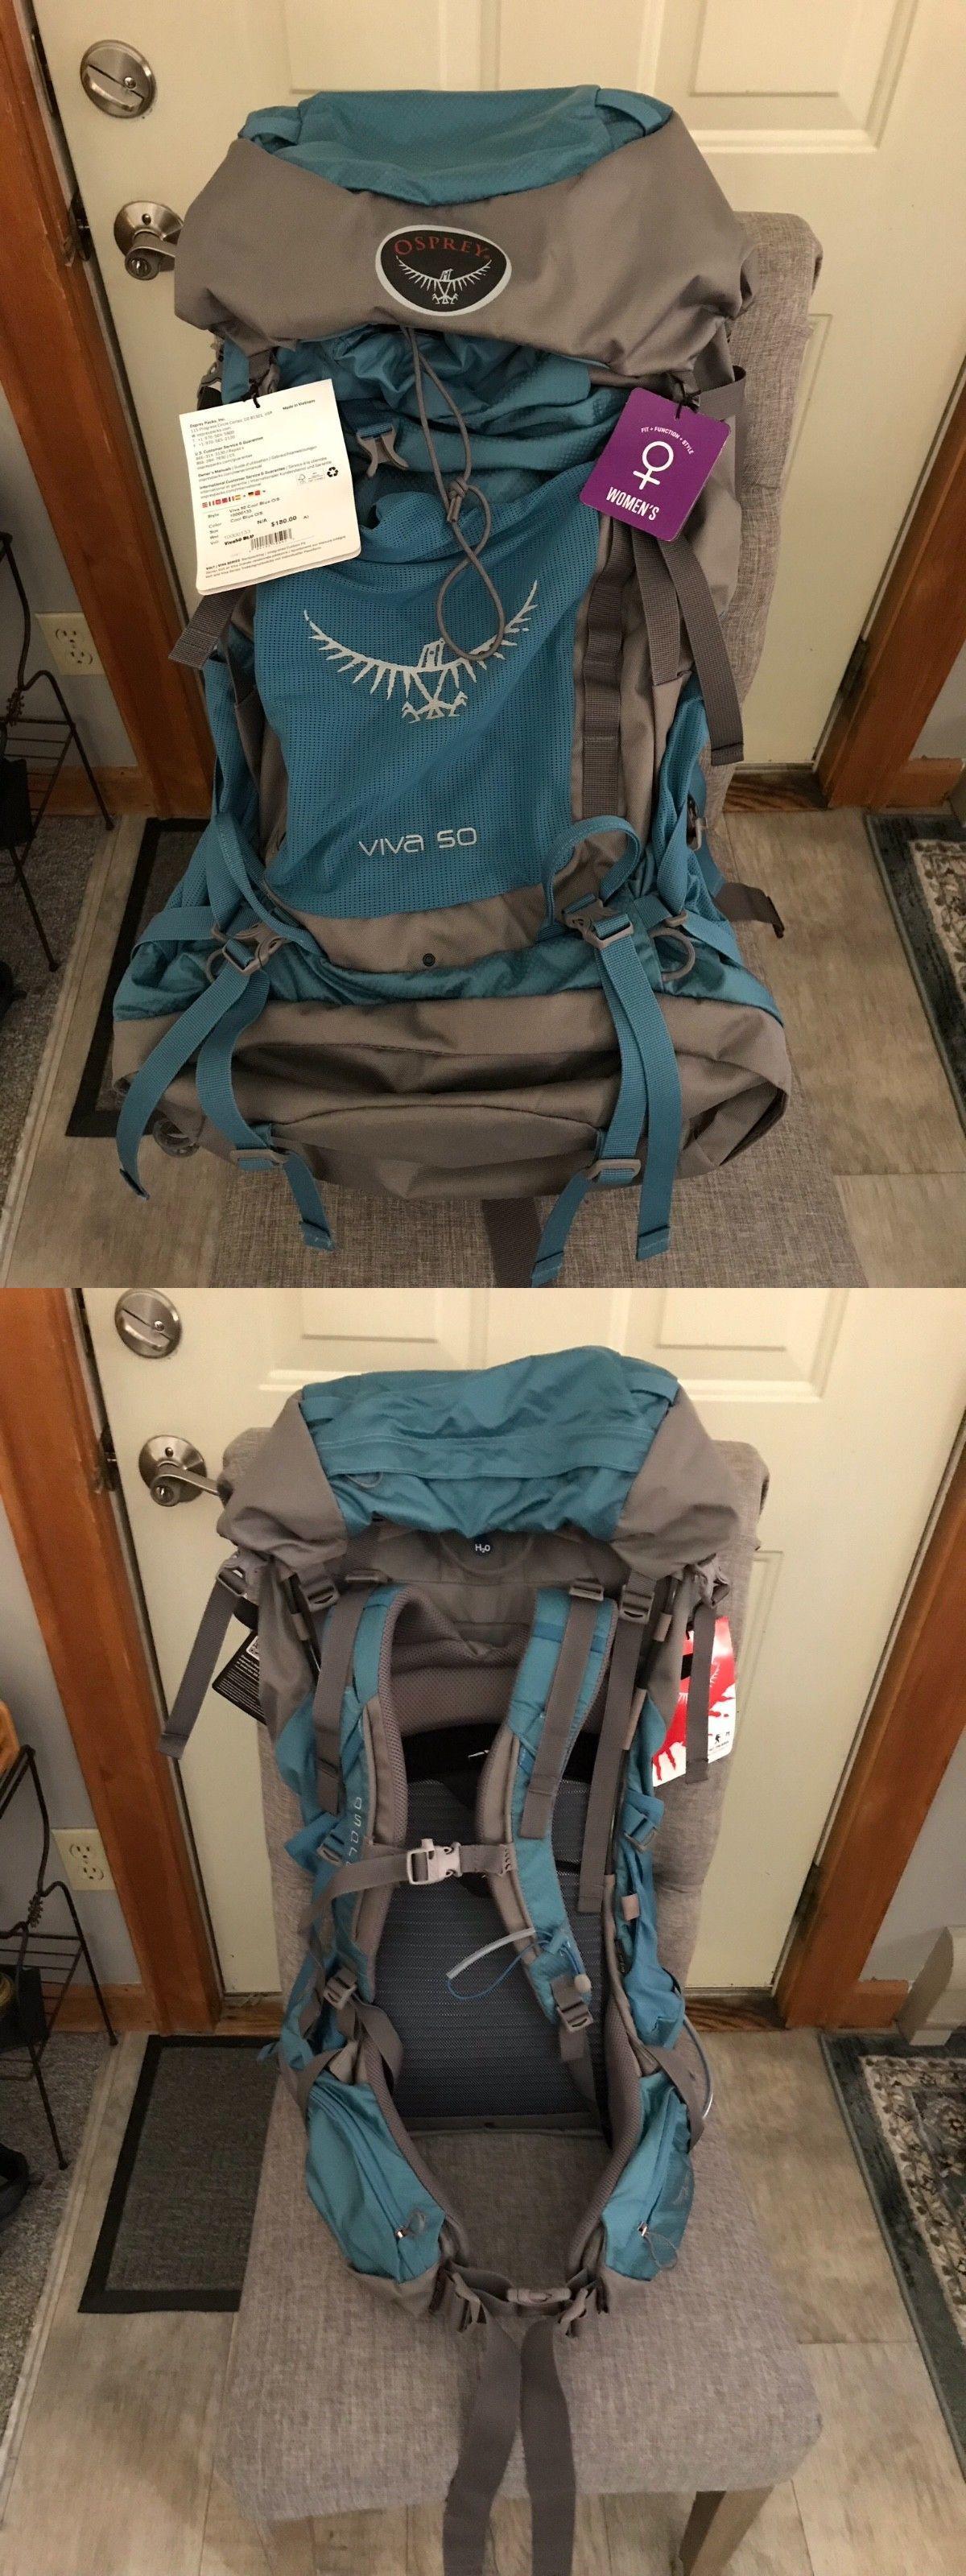 3a985d948b13 Day Packs 87122  Osprey Viva 50 Pack